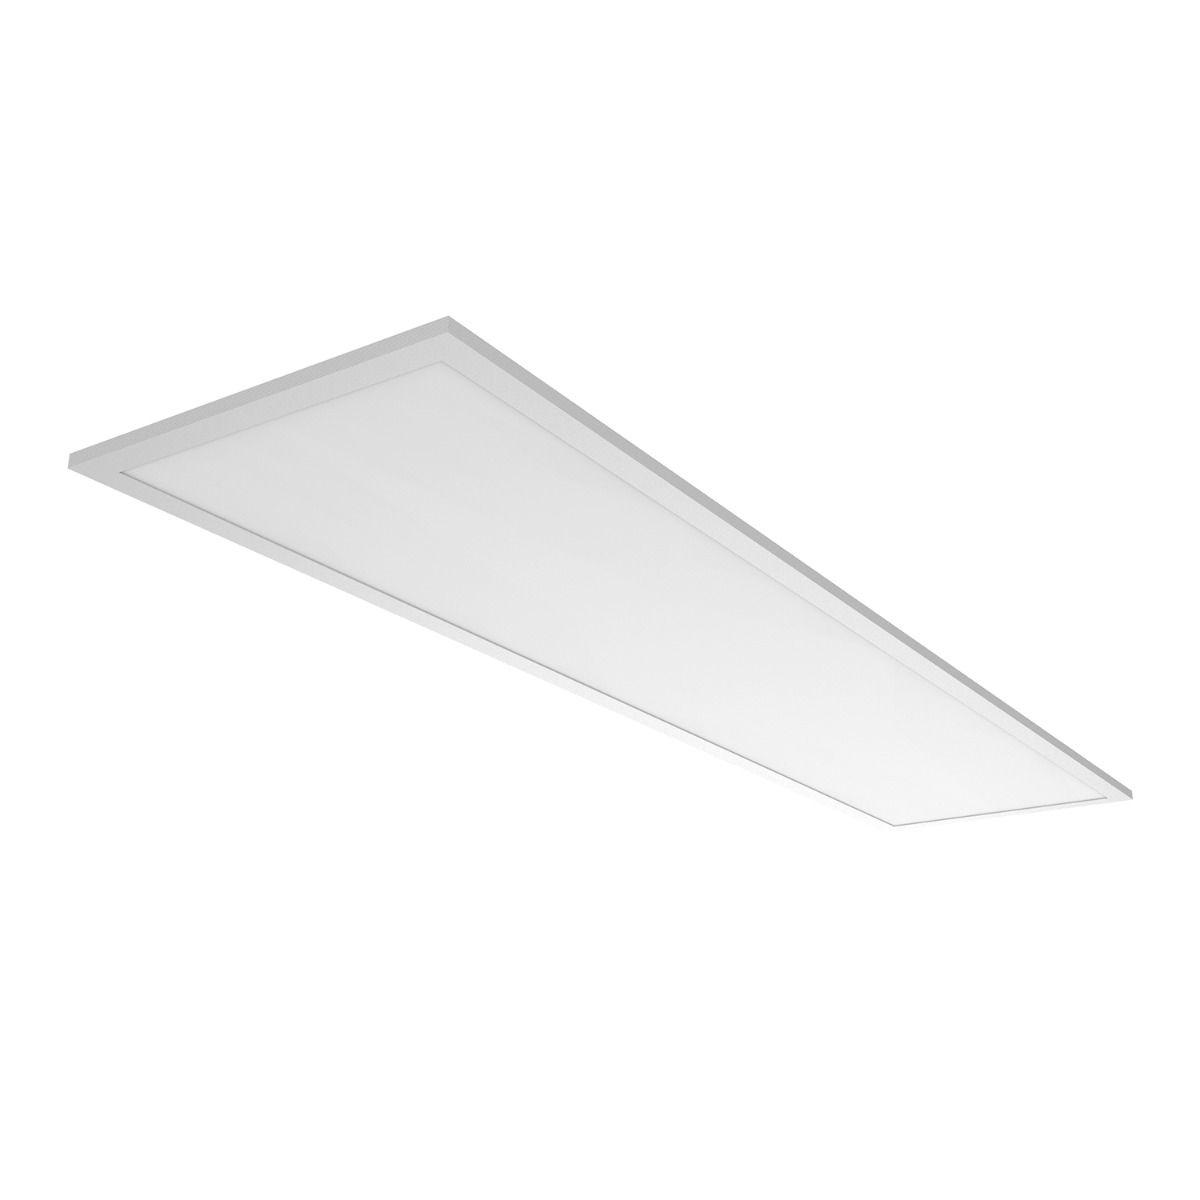 Noxion LED panel Delta Pro V3 30W 3000K 3960lm 30x120cm UGR <22 | varm hvid - erstatter 2x36W